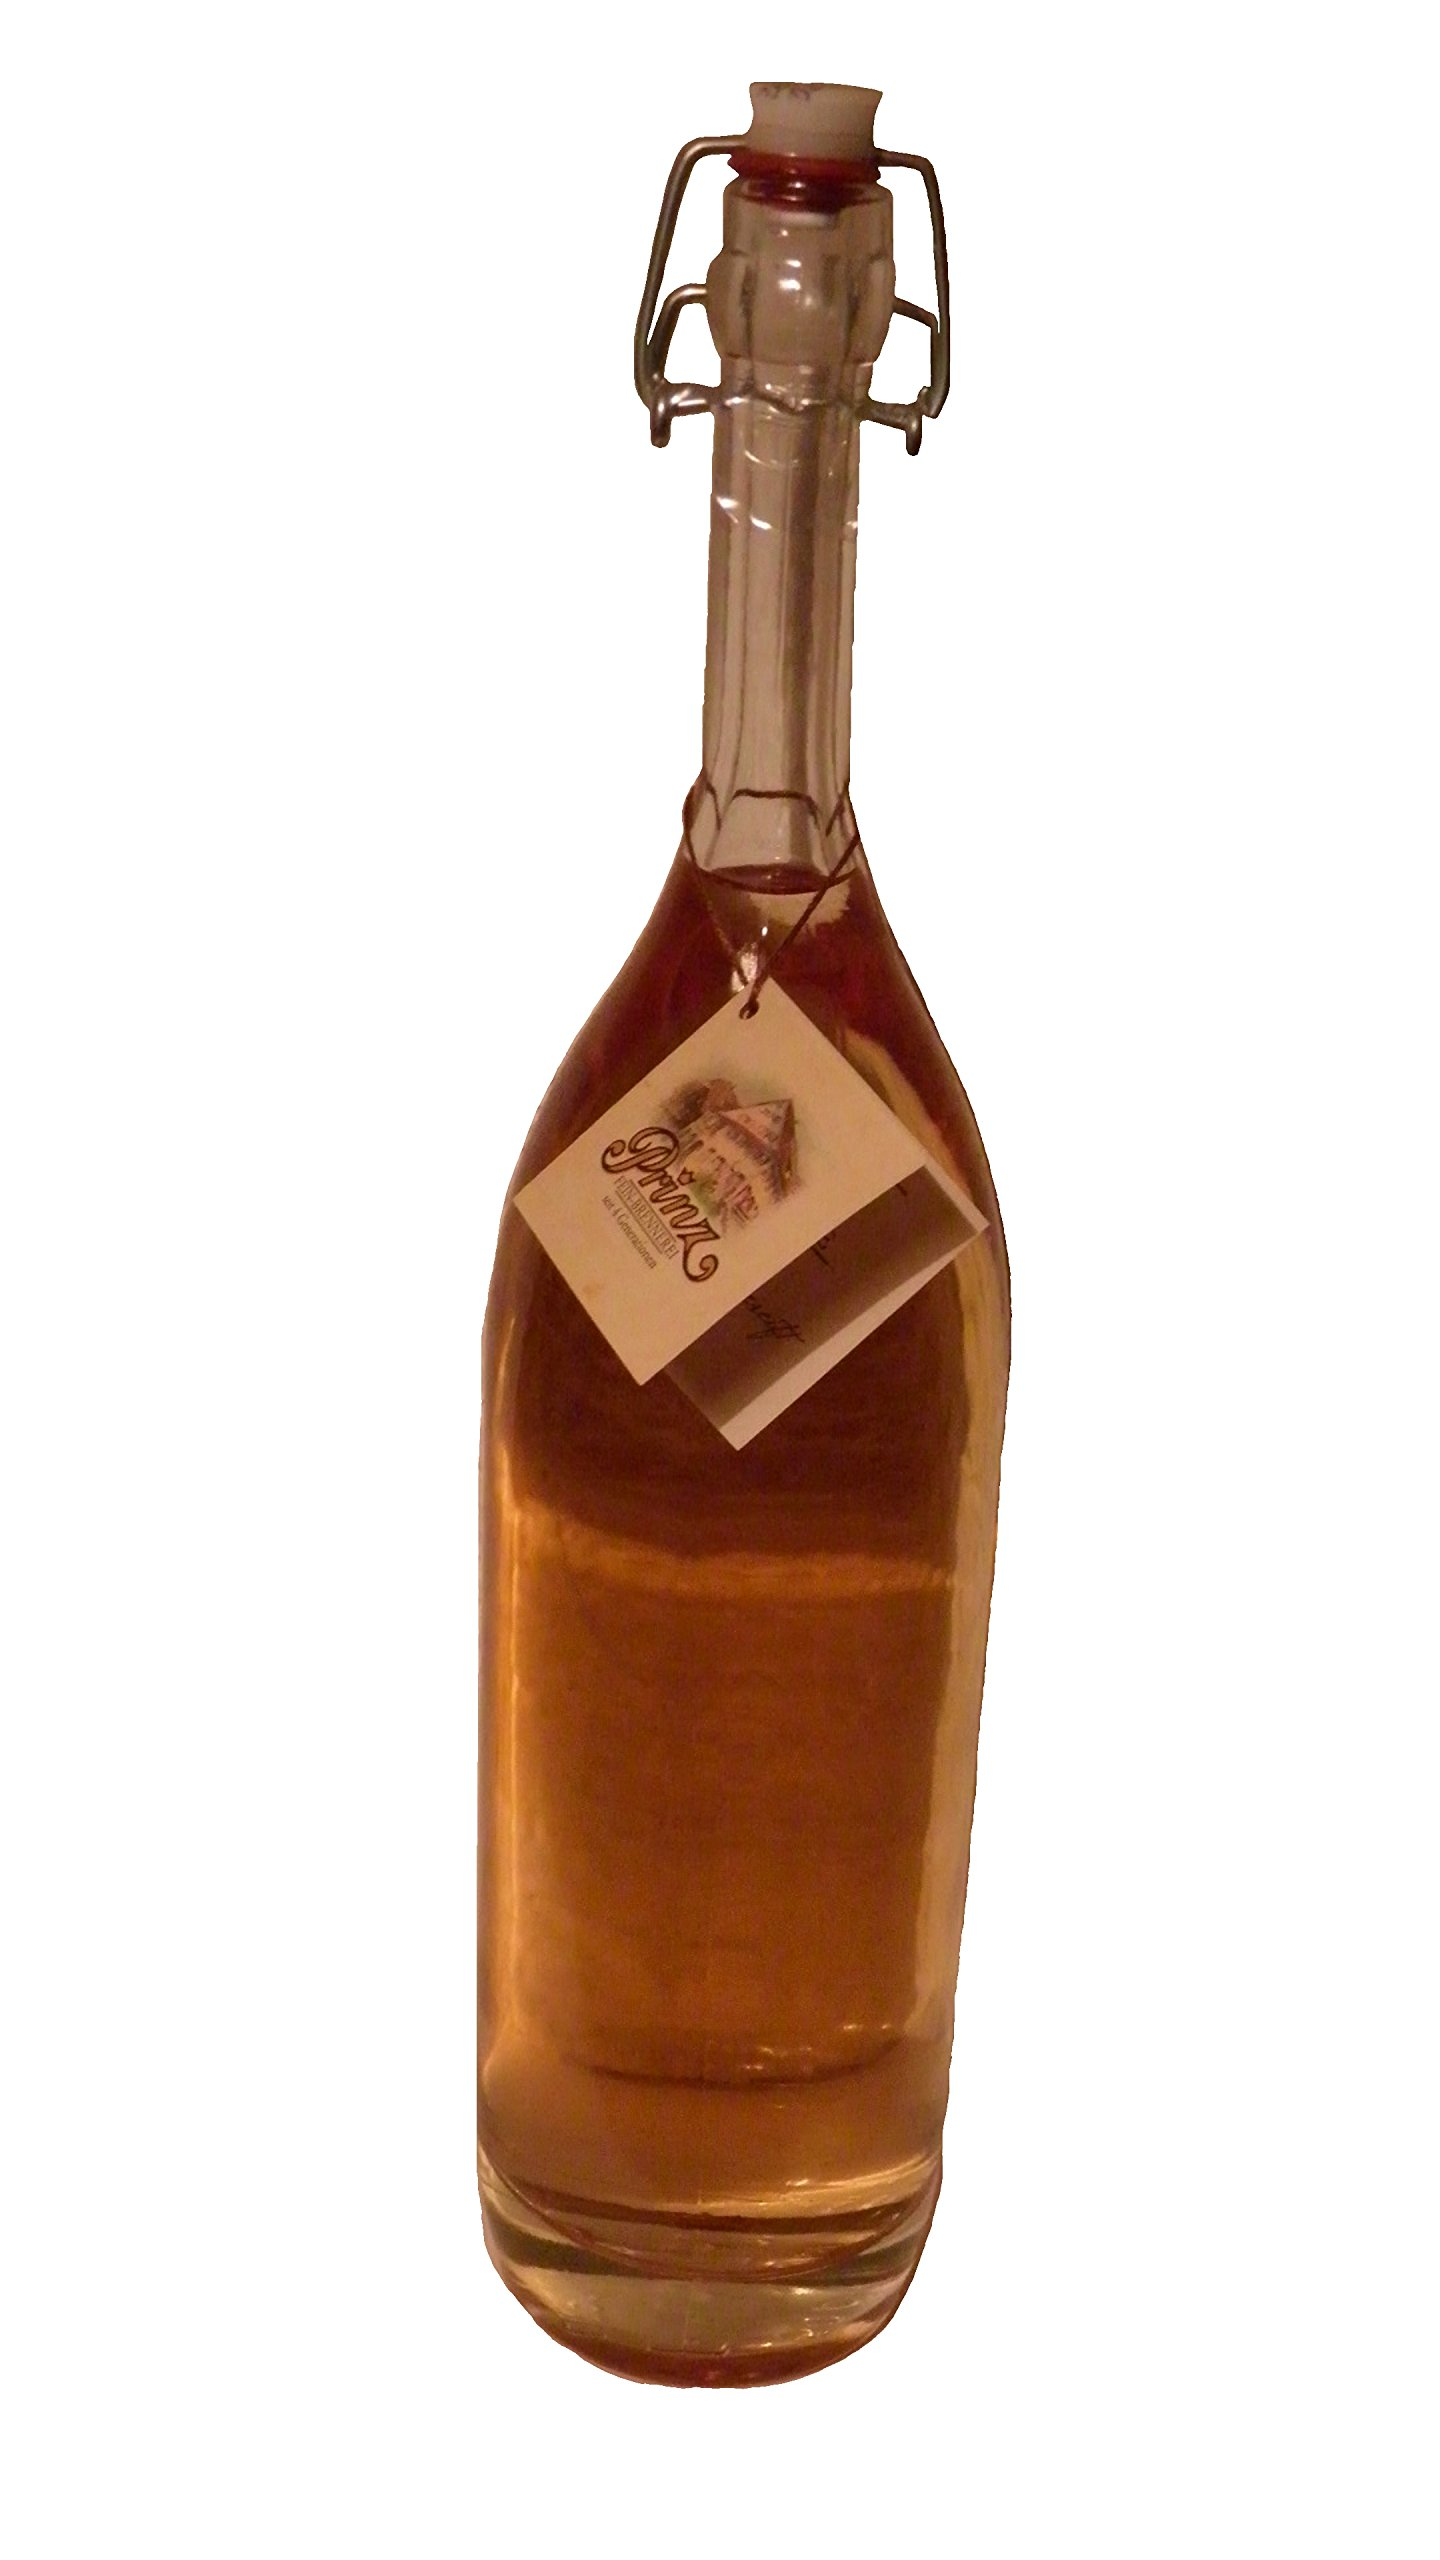 Prinz-Alte-Wald-Himbeere-41-Vol-05-Liter-Flasche